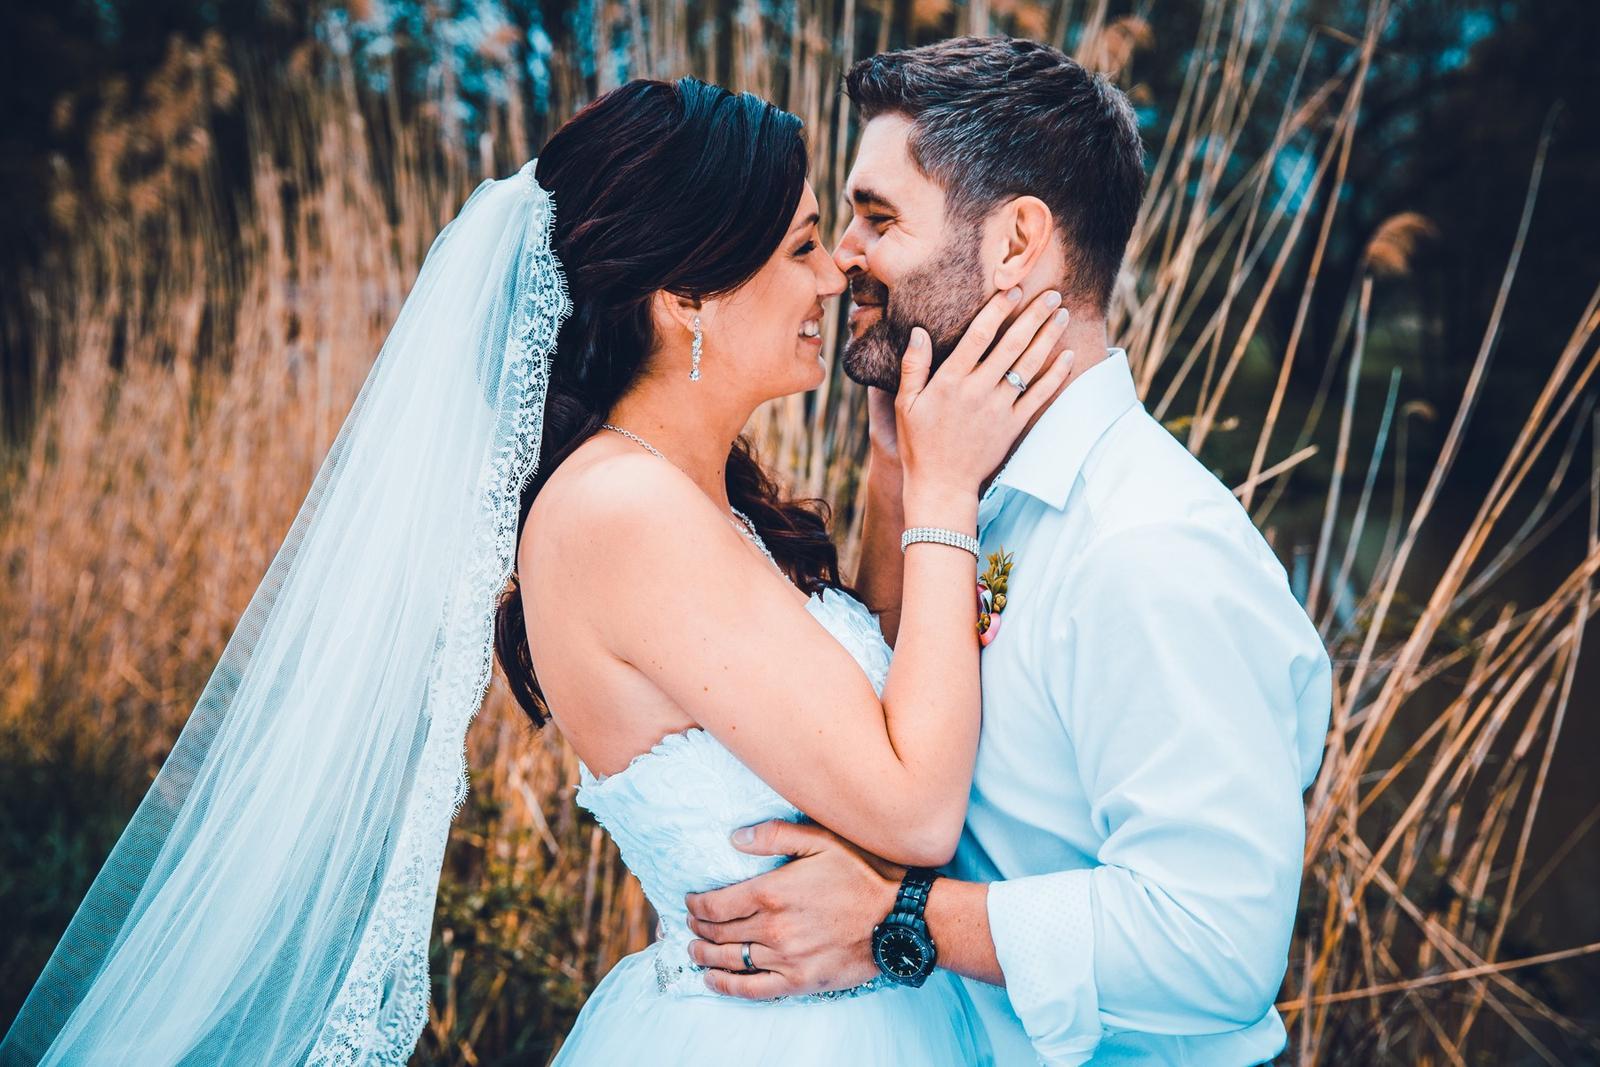 Svatba v lesoparku - Svatba v lesoparku